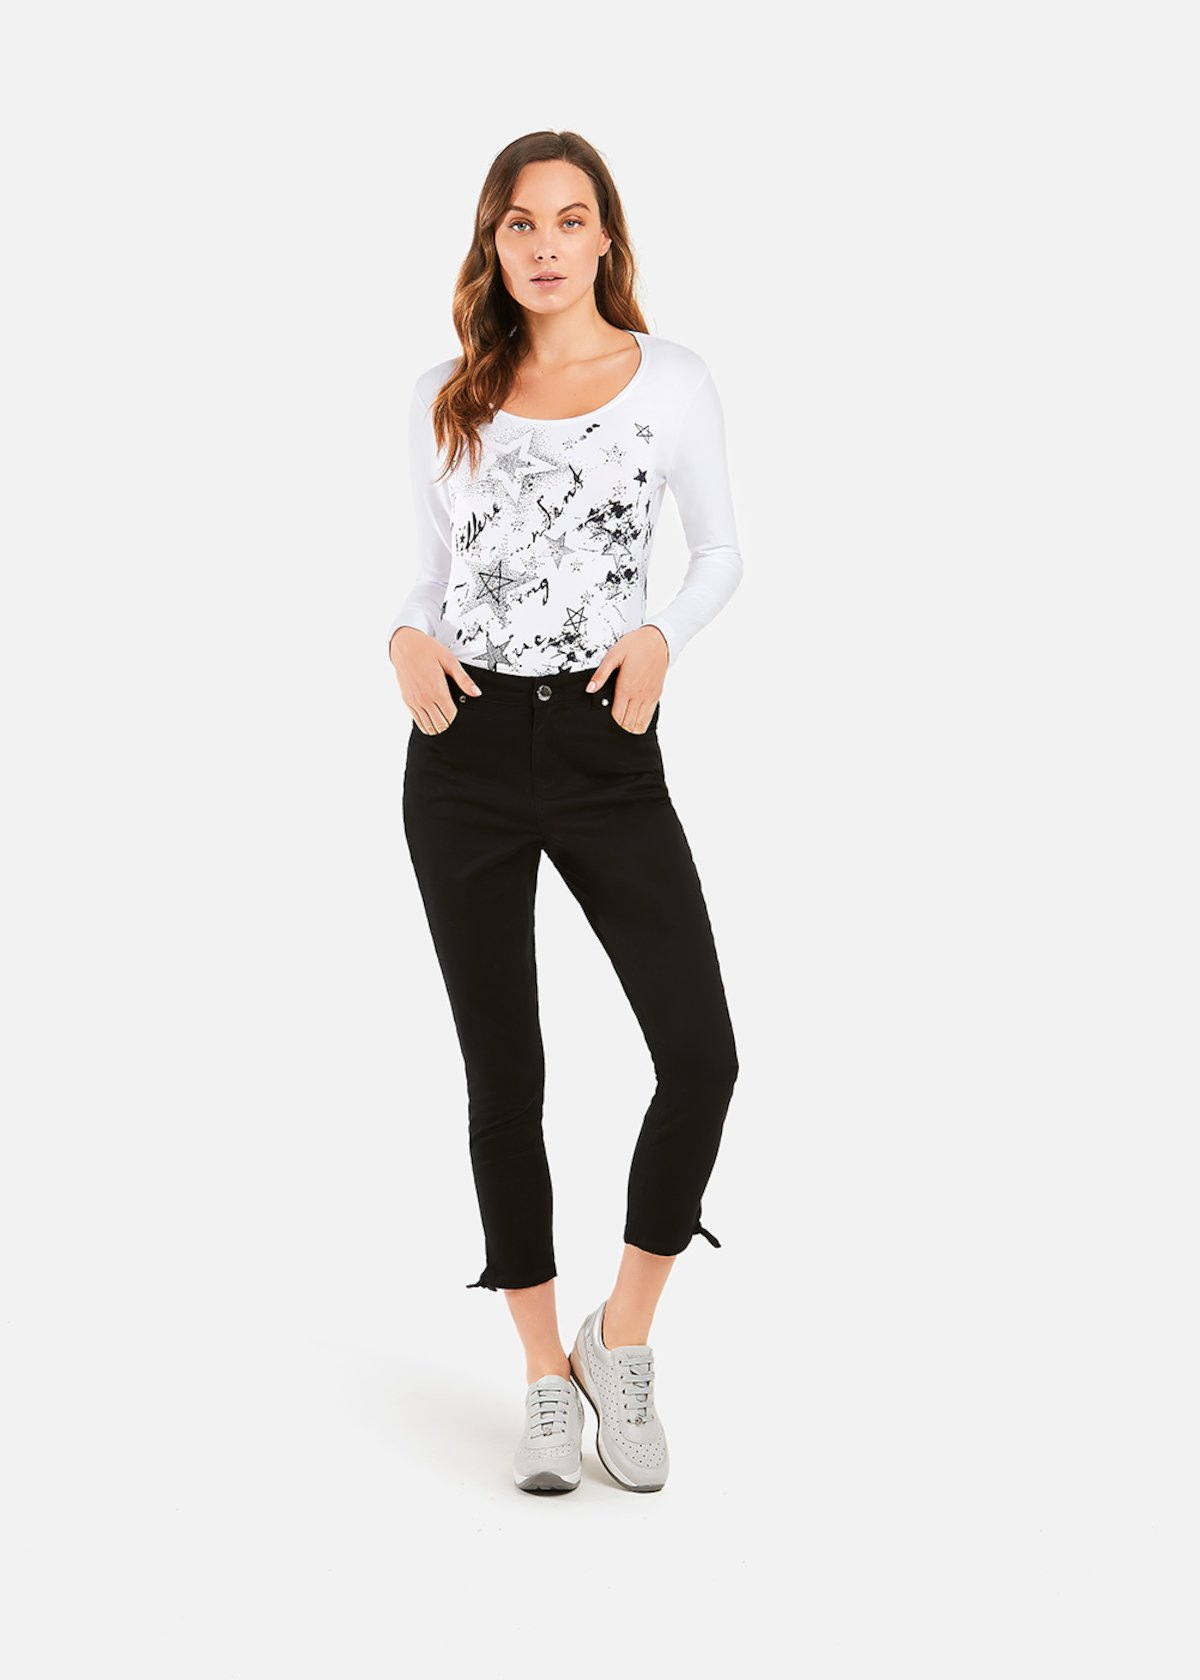 Pantaloni Paly modello capri - Black